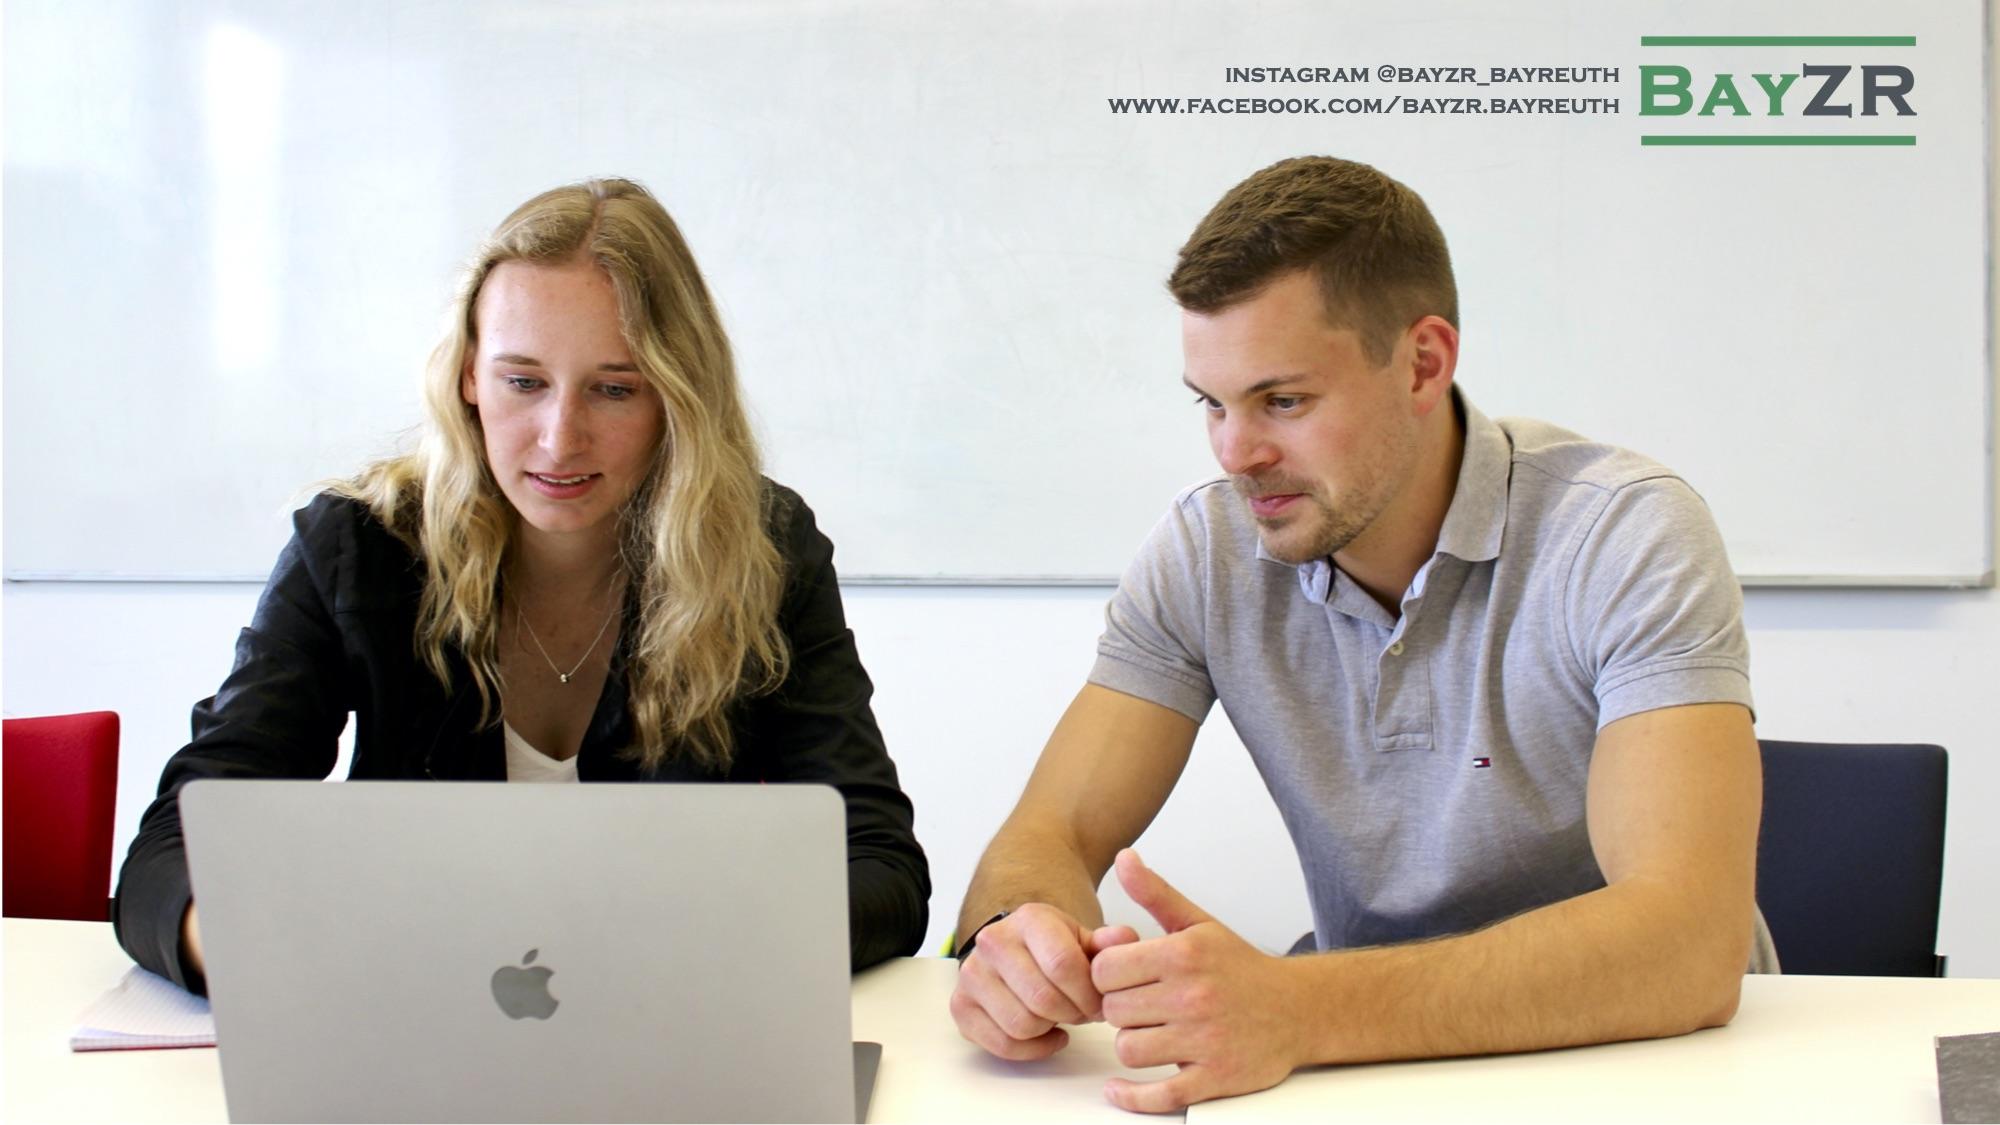 Bayreuther Studierende der Rechtswissenschaft haben die studentische, rechtswissenschaftliche Zeitschrift BayZR gegründet.